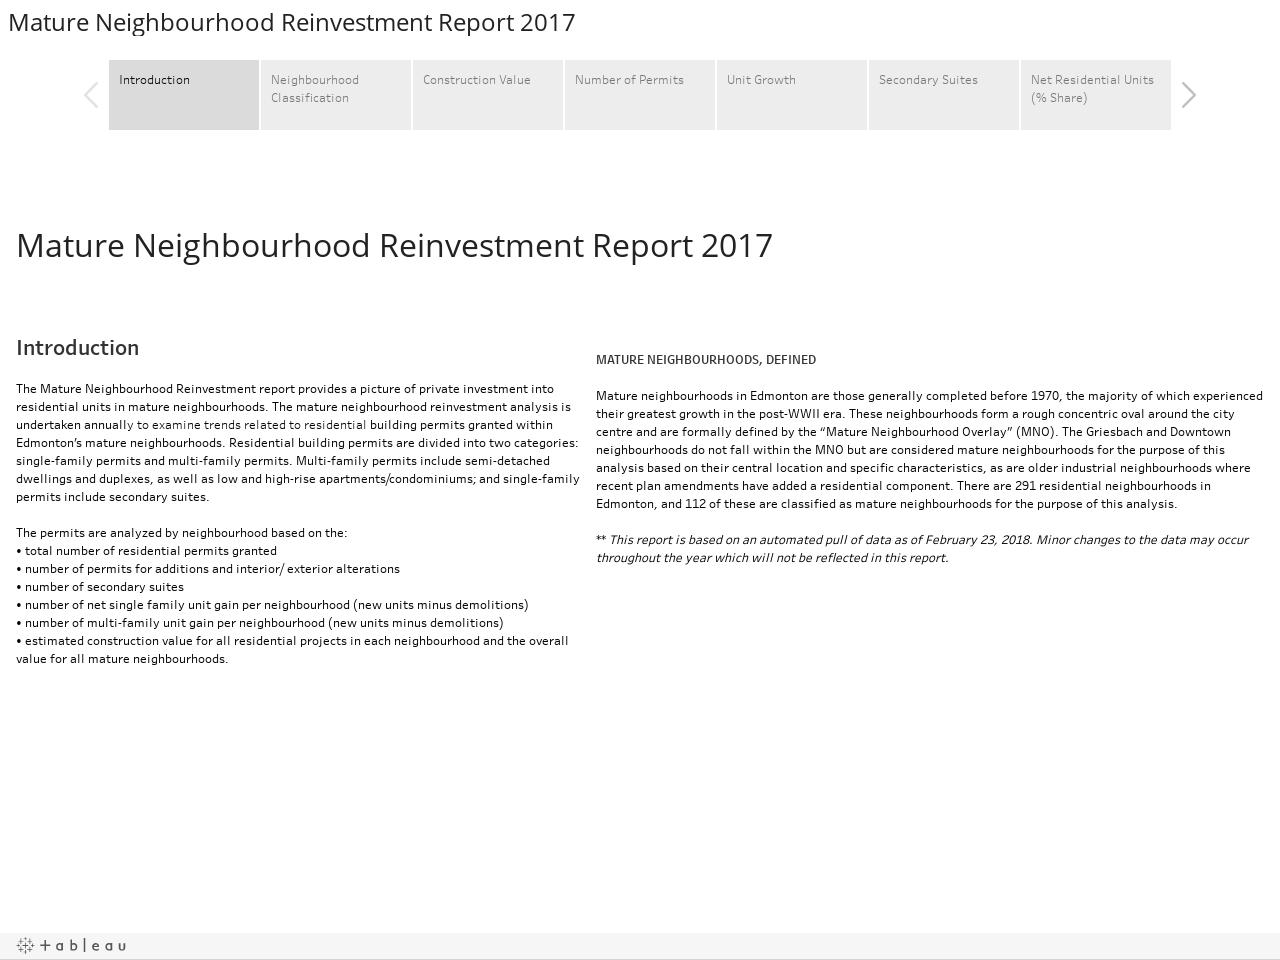 Mature Neighbourhood Reinvestment Report 2017